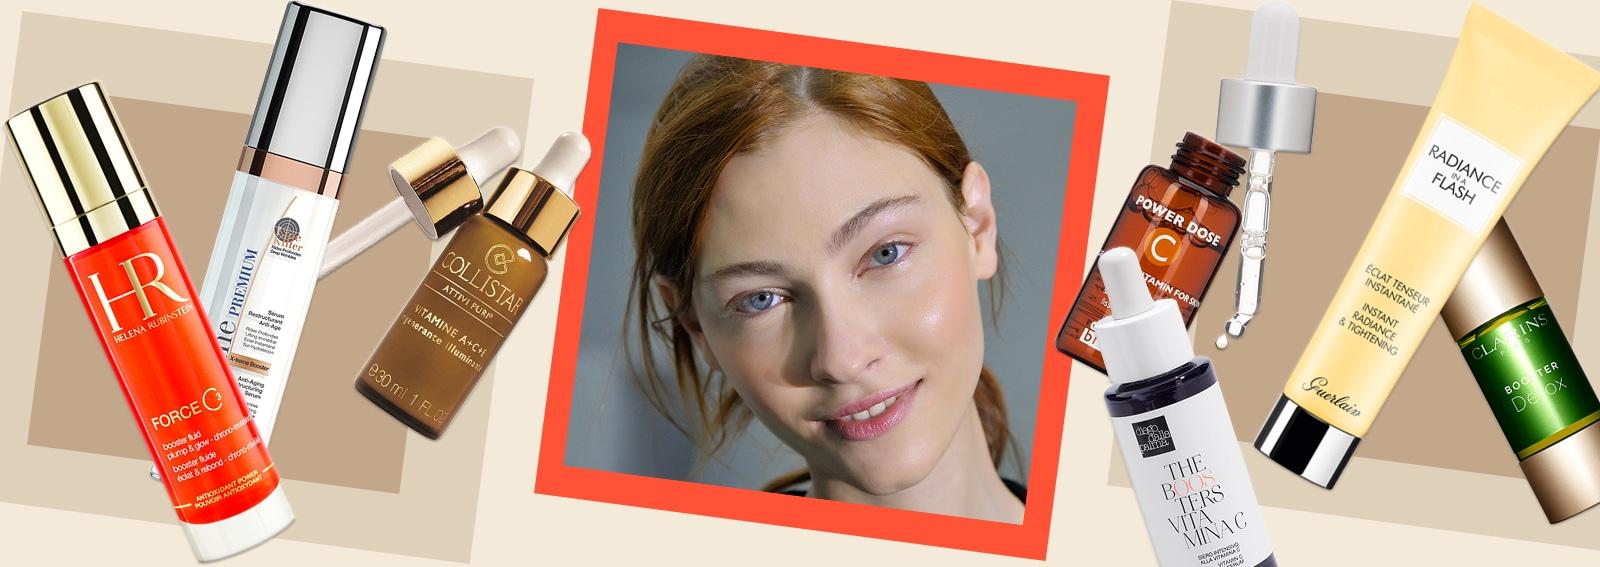 Booster per il viso: i nuovi sieri concentrati